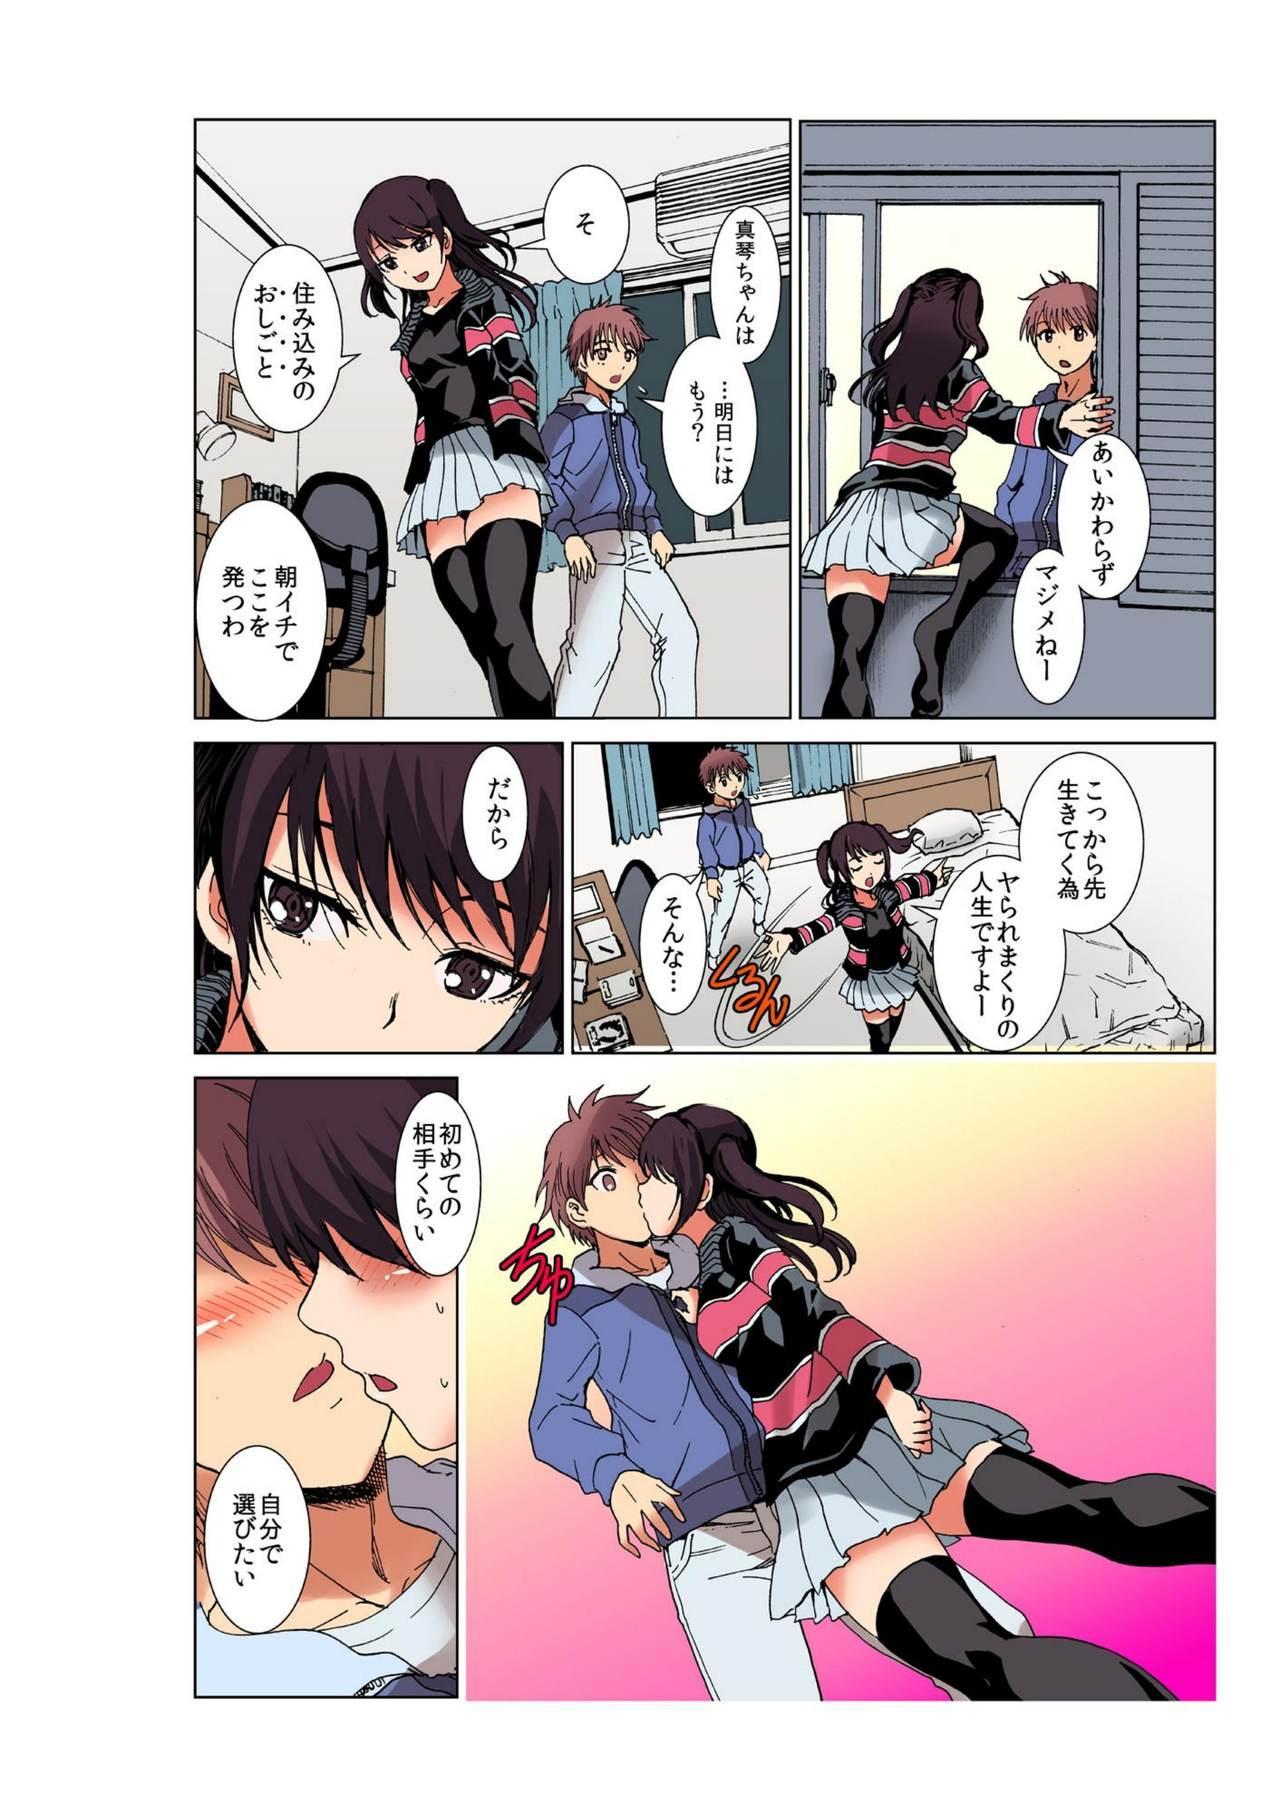 [Rurukichi] Seishi ga Kane ni Naru Jidai ~Mesubuta ga Muragaru Ore-sama no Kokan~ 1 30